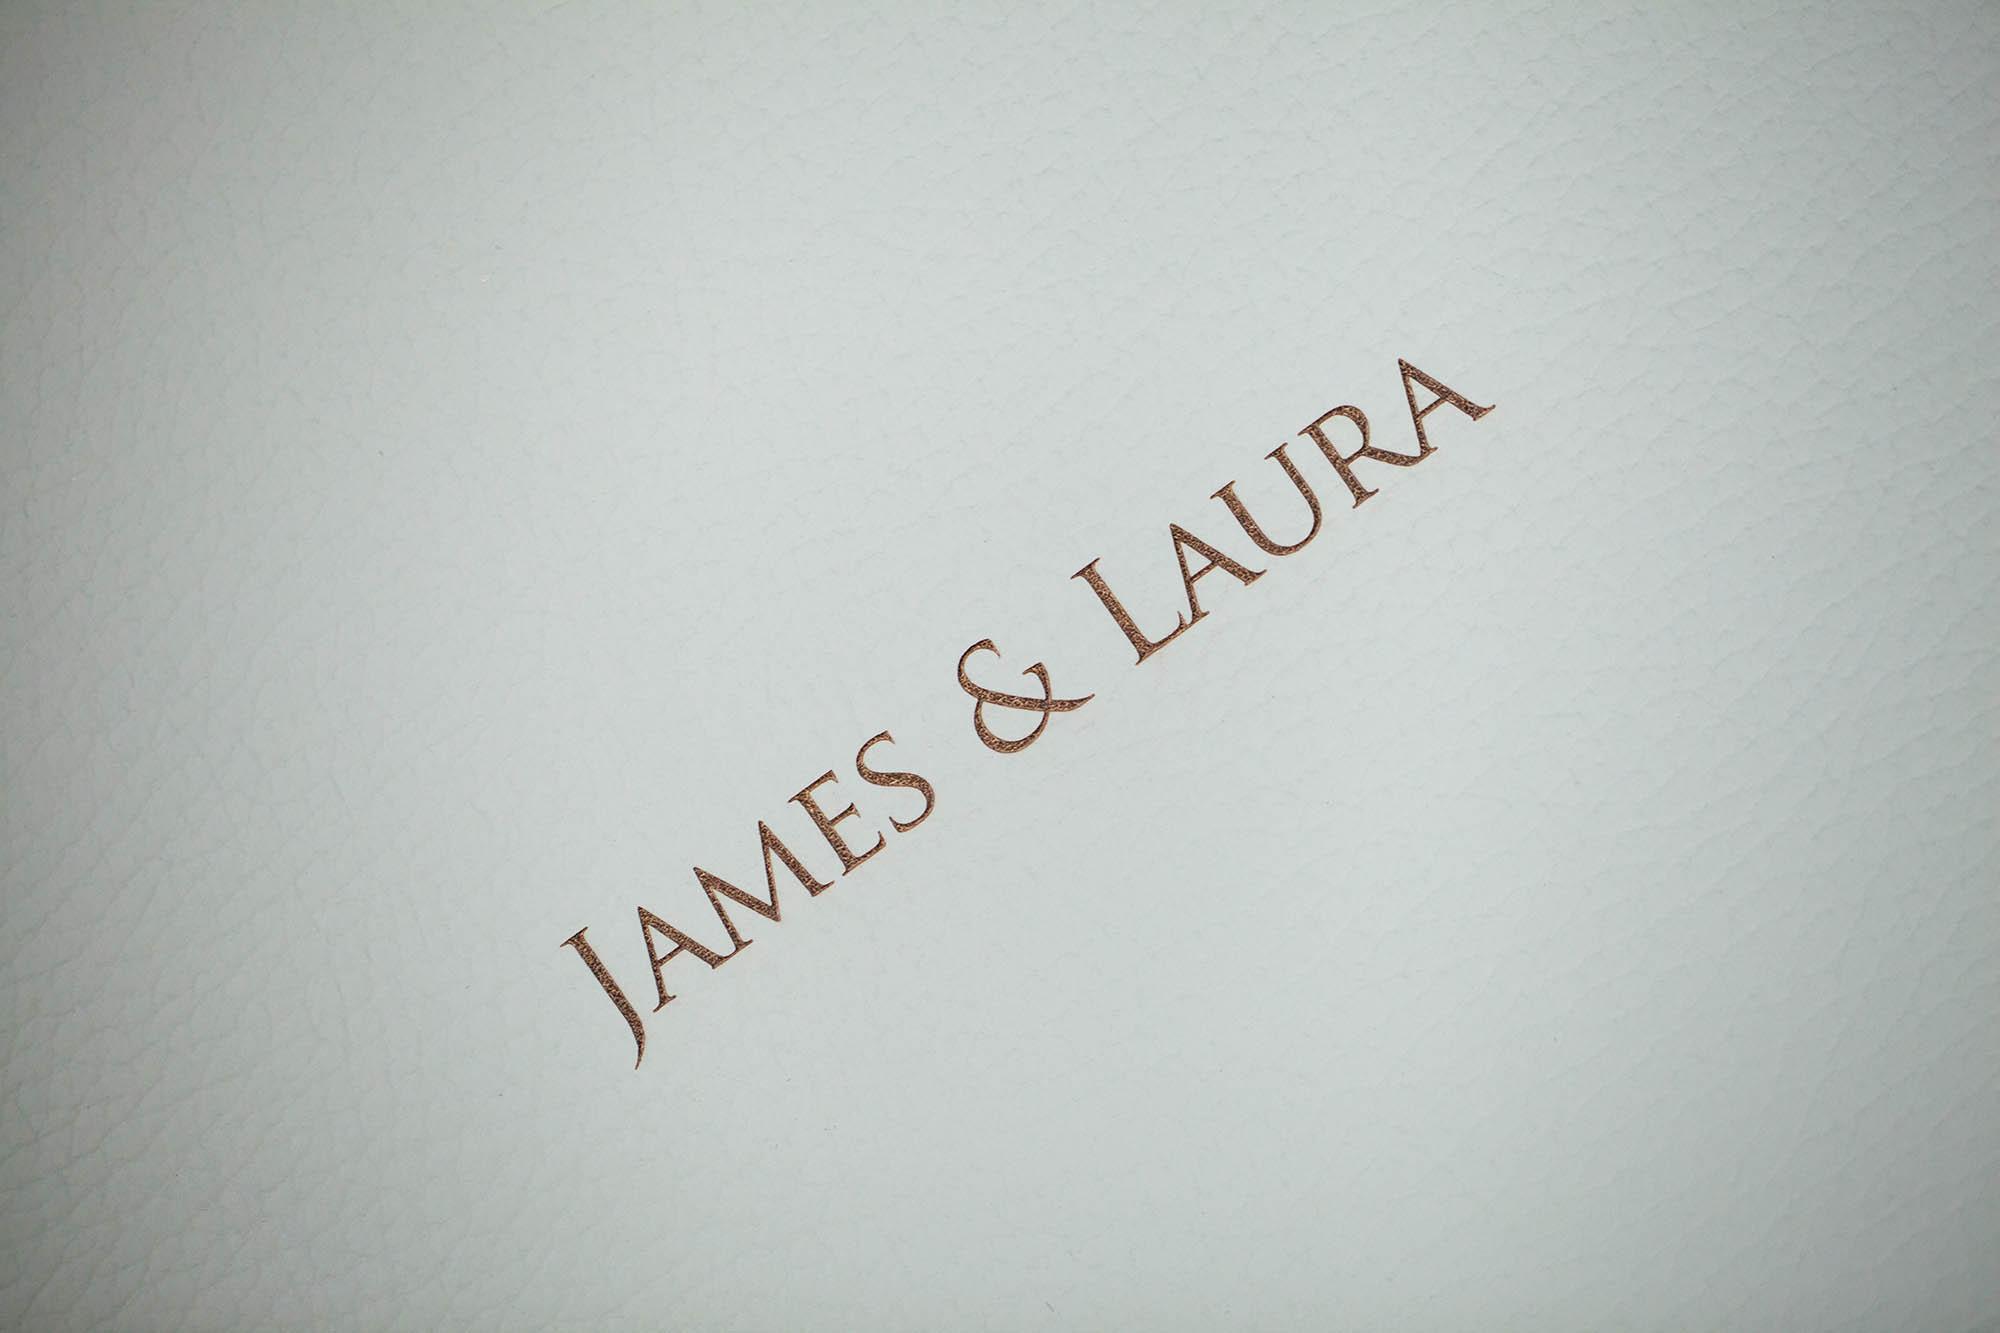 Julia_toms_wedding_album_folio_leather_041.jpg